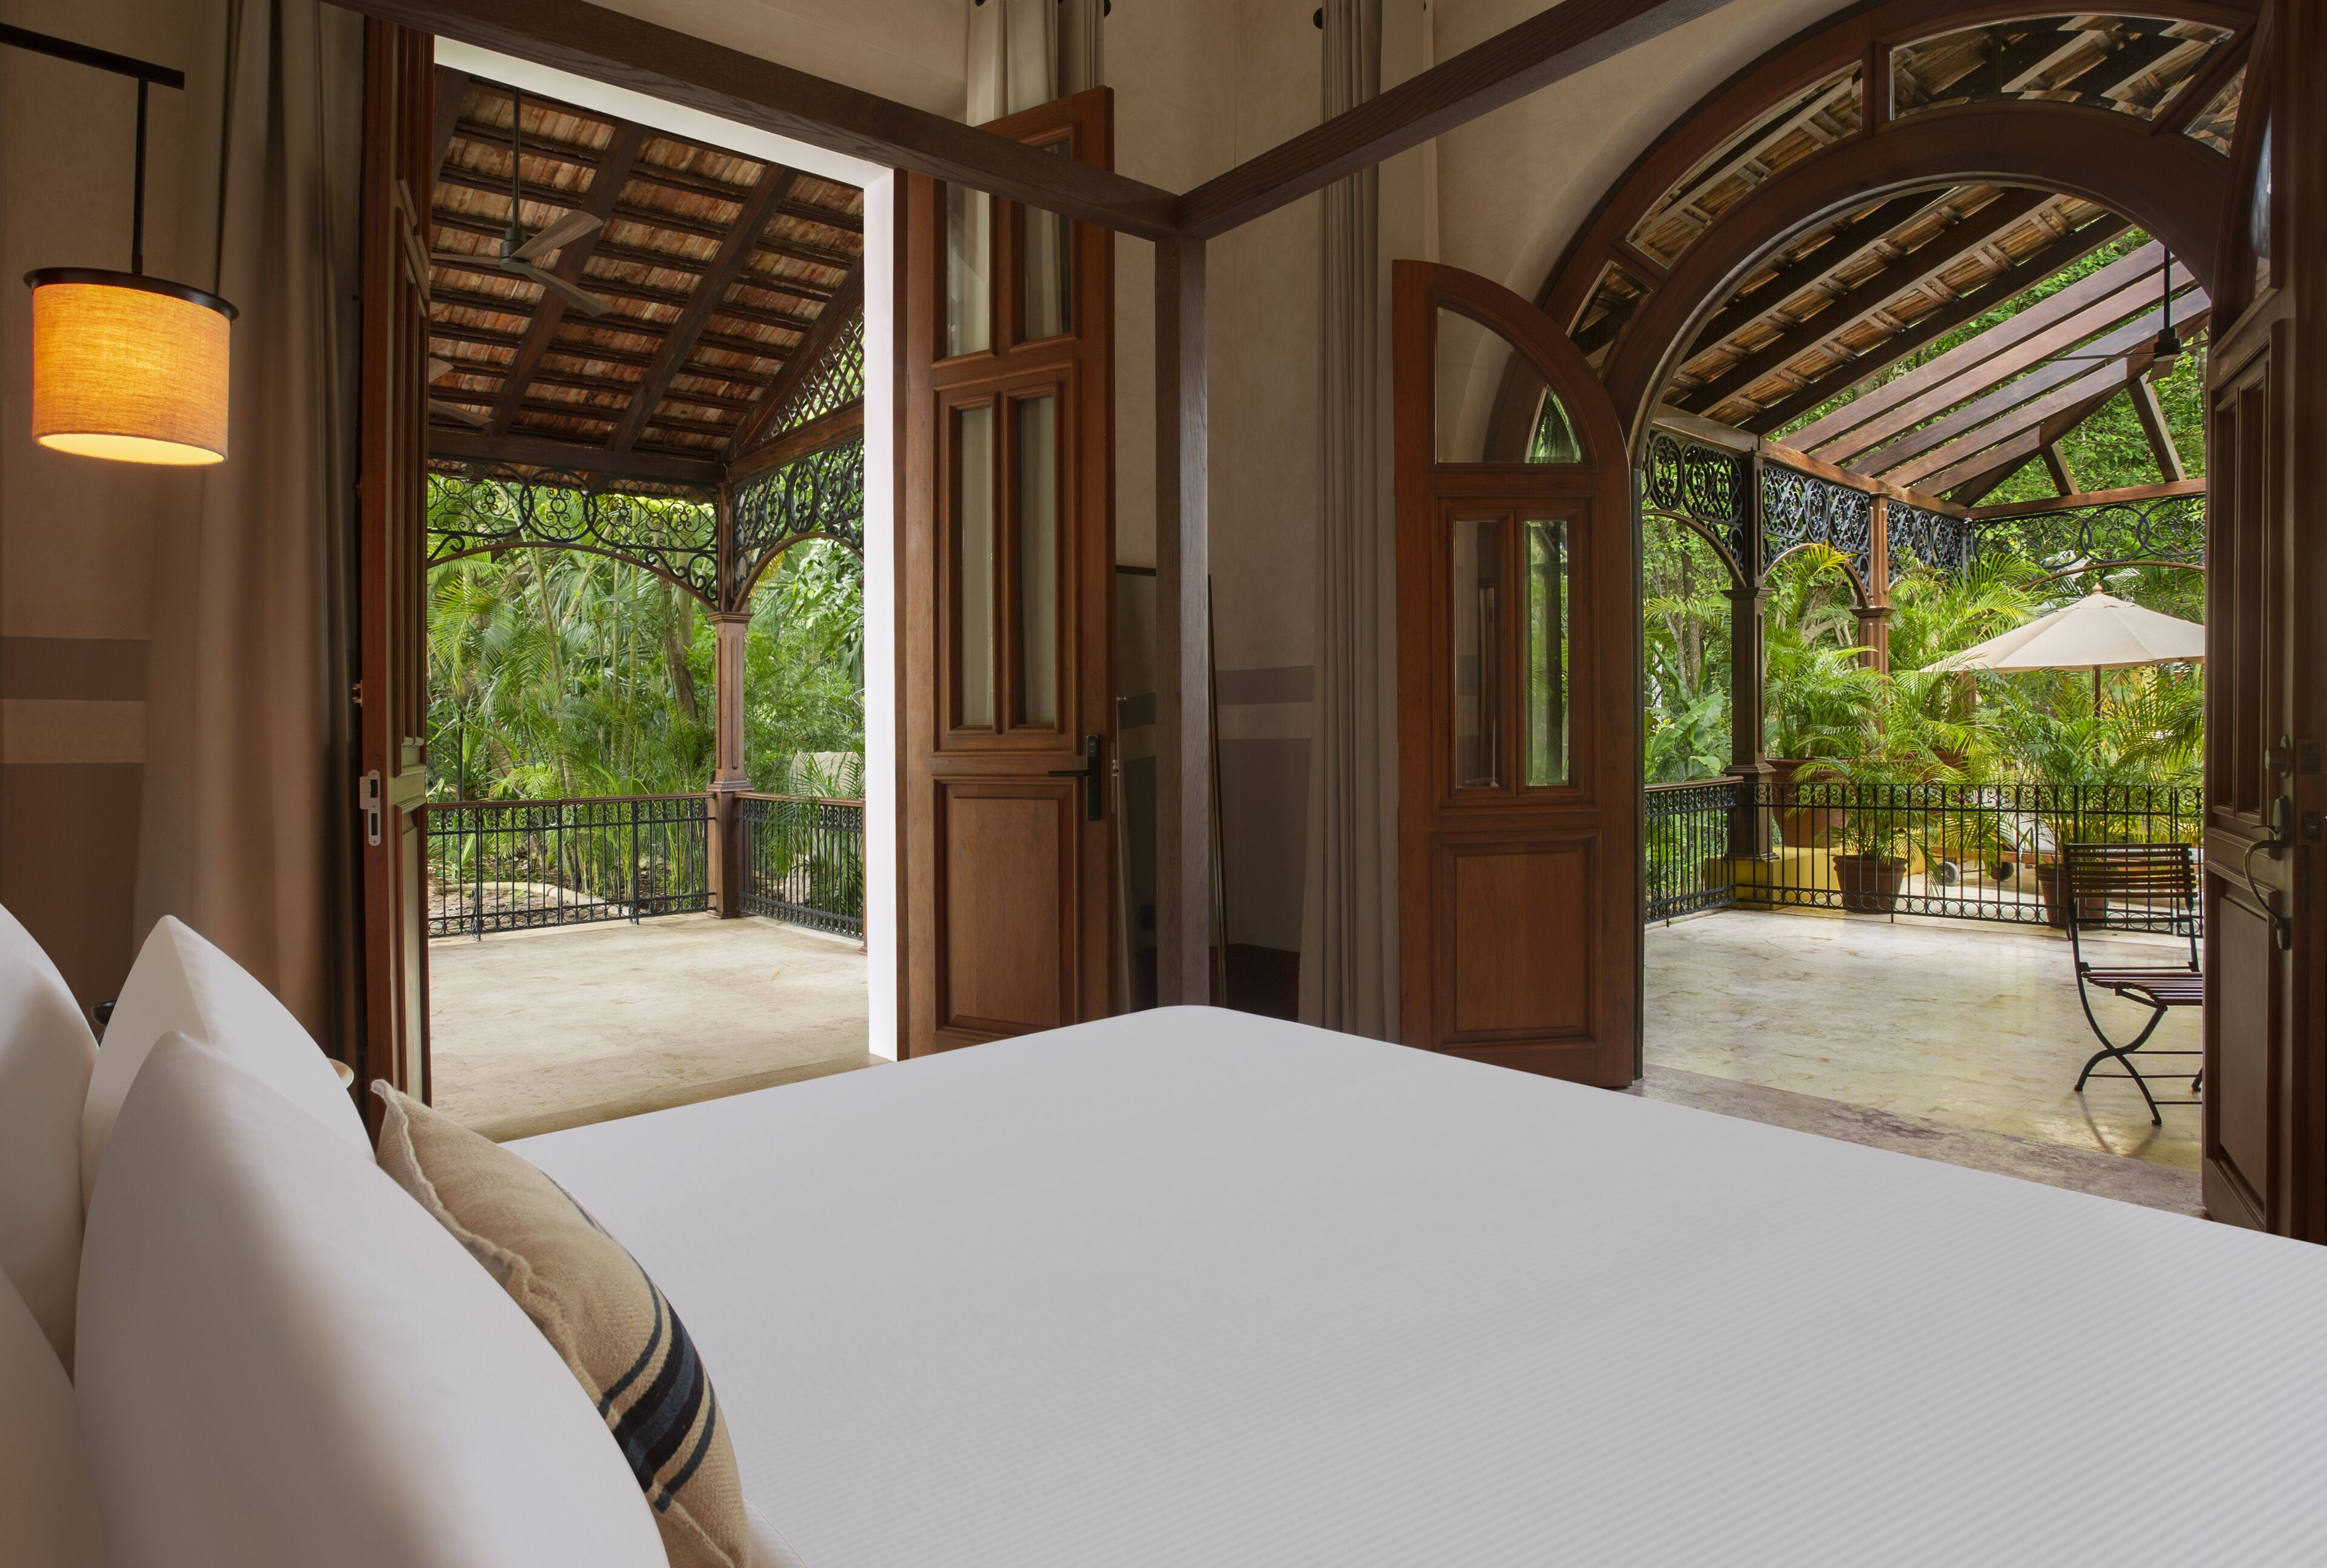 Courtesy of Hacienda Xcanatun / Expedia.com